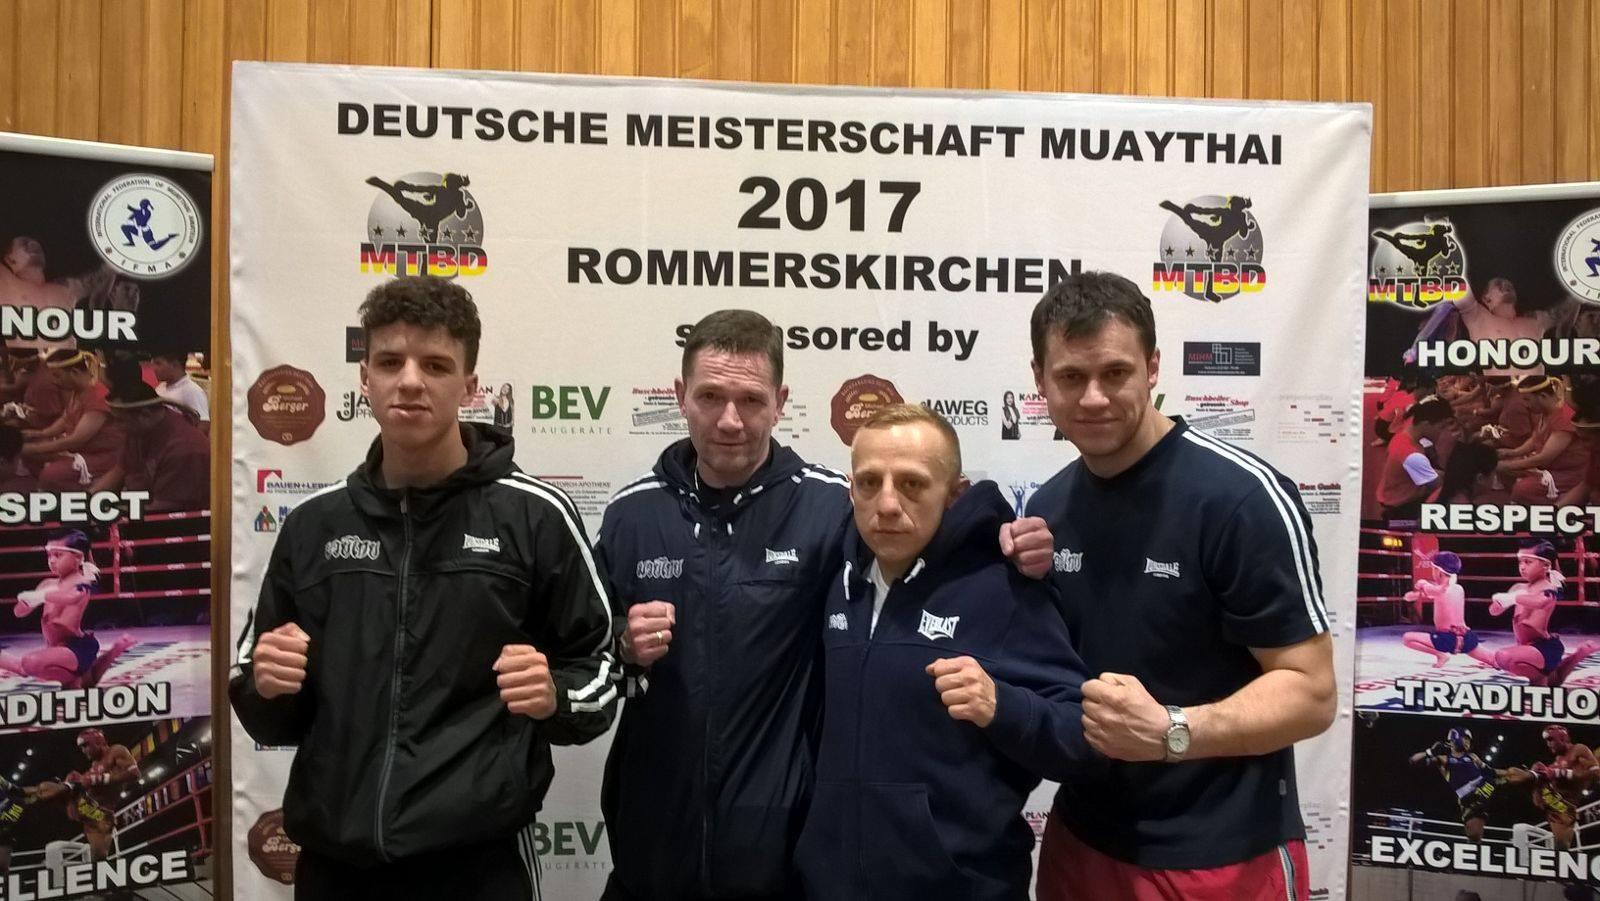 Deutsche Meisterschaft - Rommerskirchen